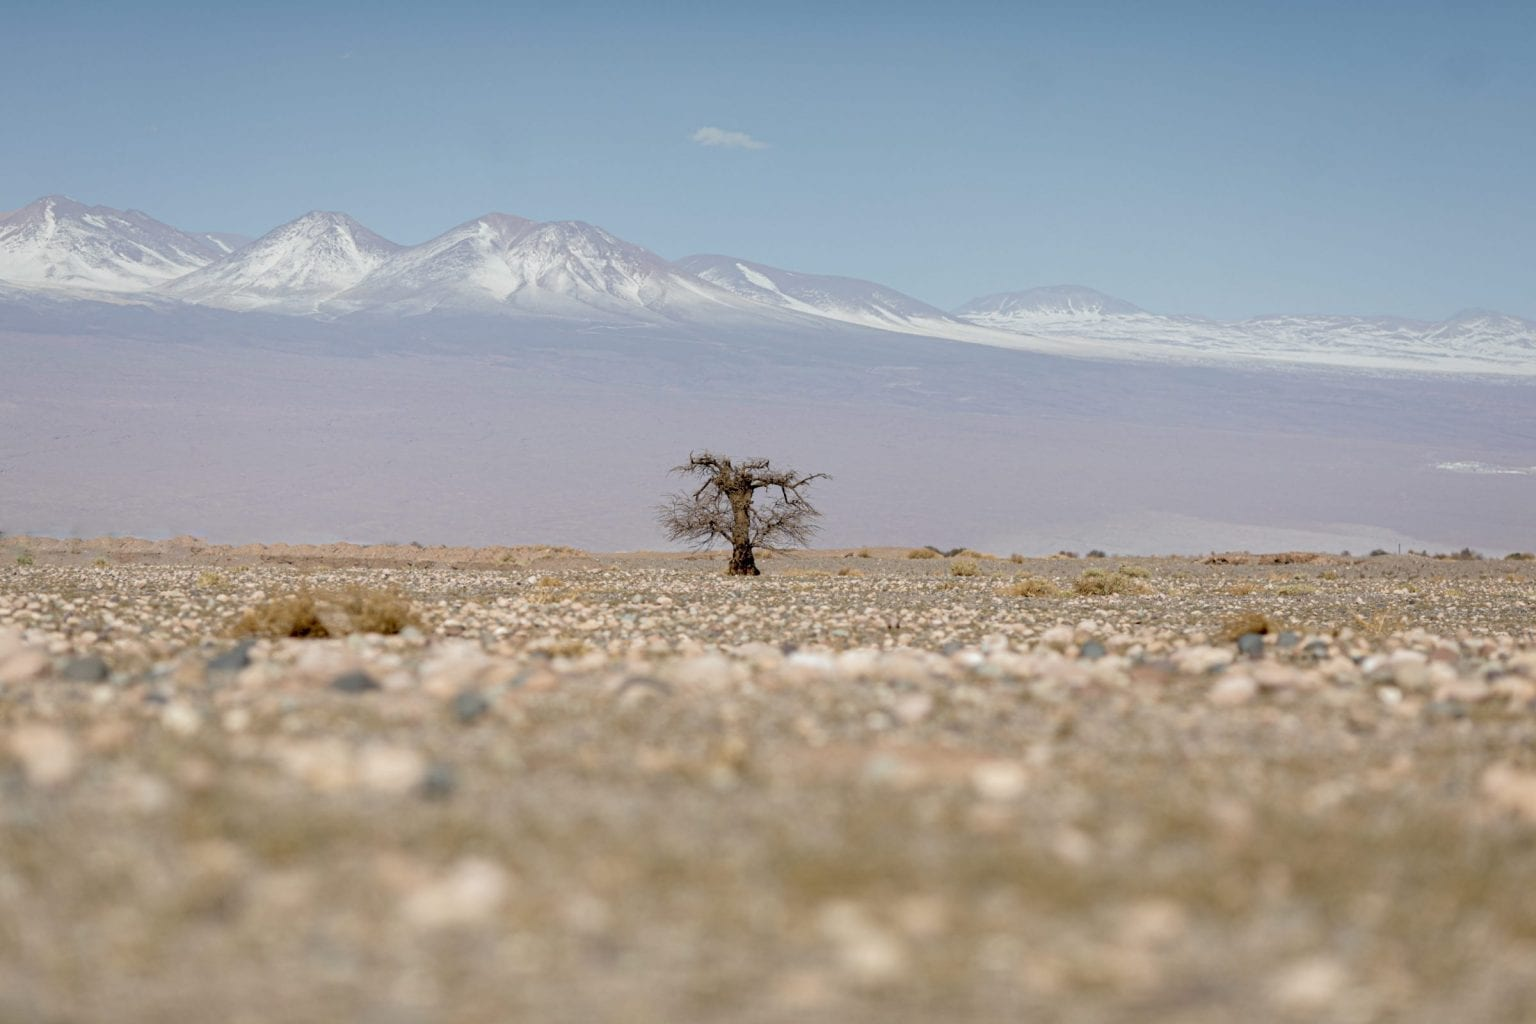 Med 15 mm nedbør årligt er Atacama verdens tørreste ørken.